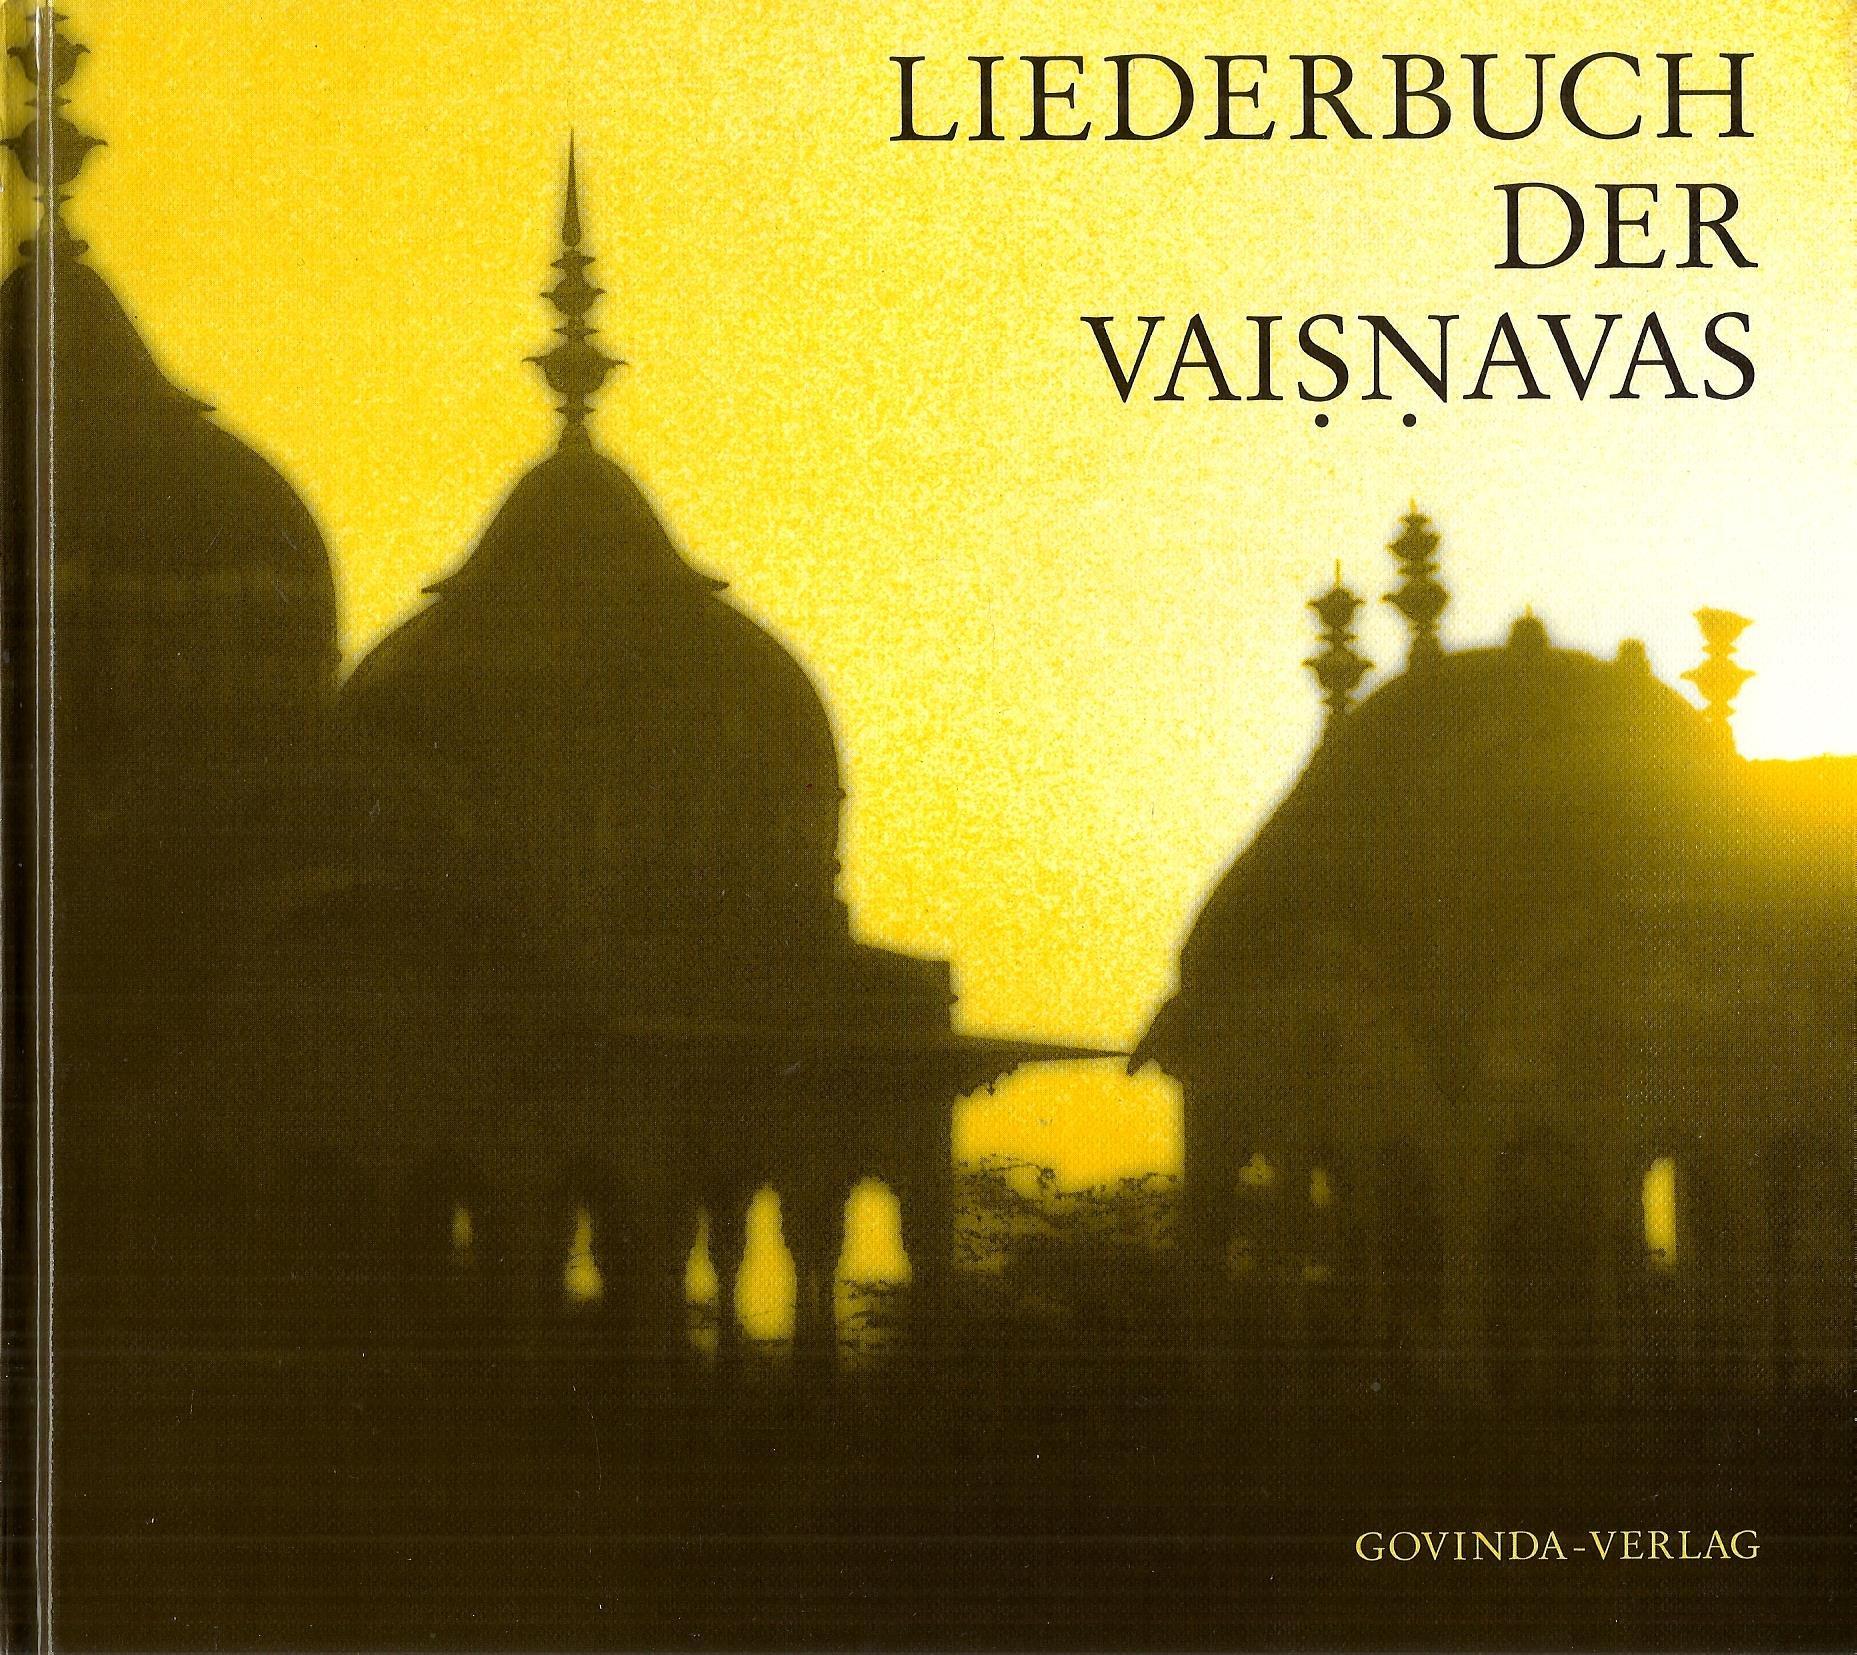 Liederbuch der Vaisnavas: Lieder, Hymnen und Mantras zu Ehren Gottes. Sanskrit - und Bengali-Texte mit deutscher Übersetzung